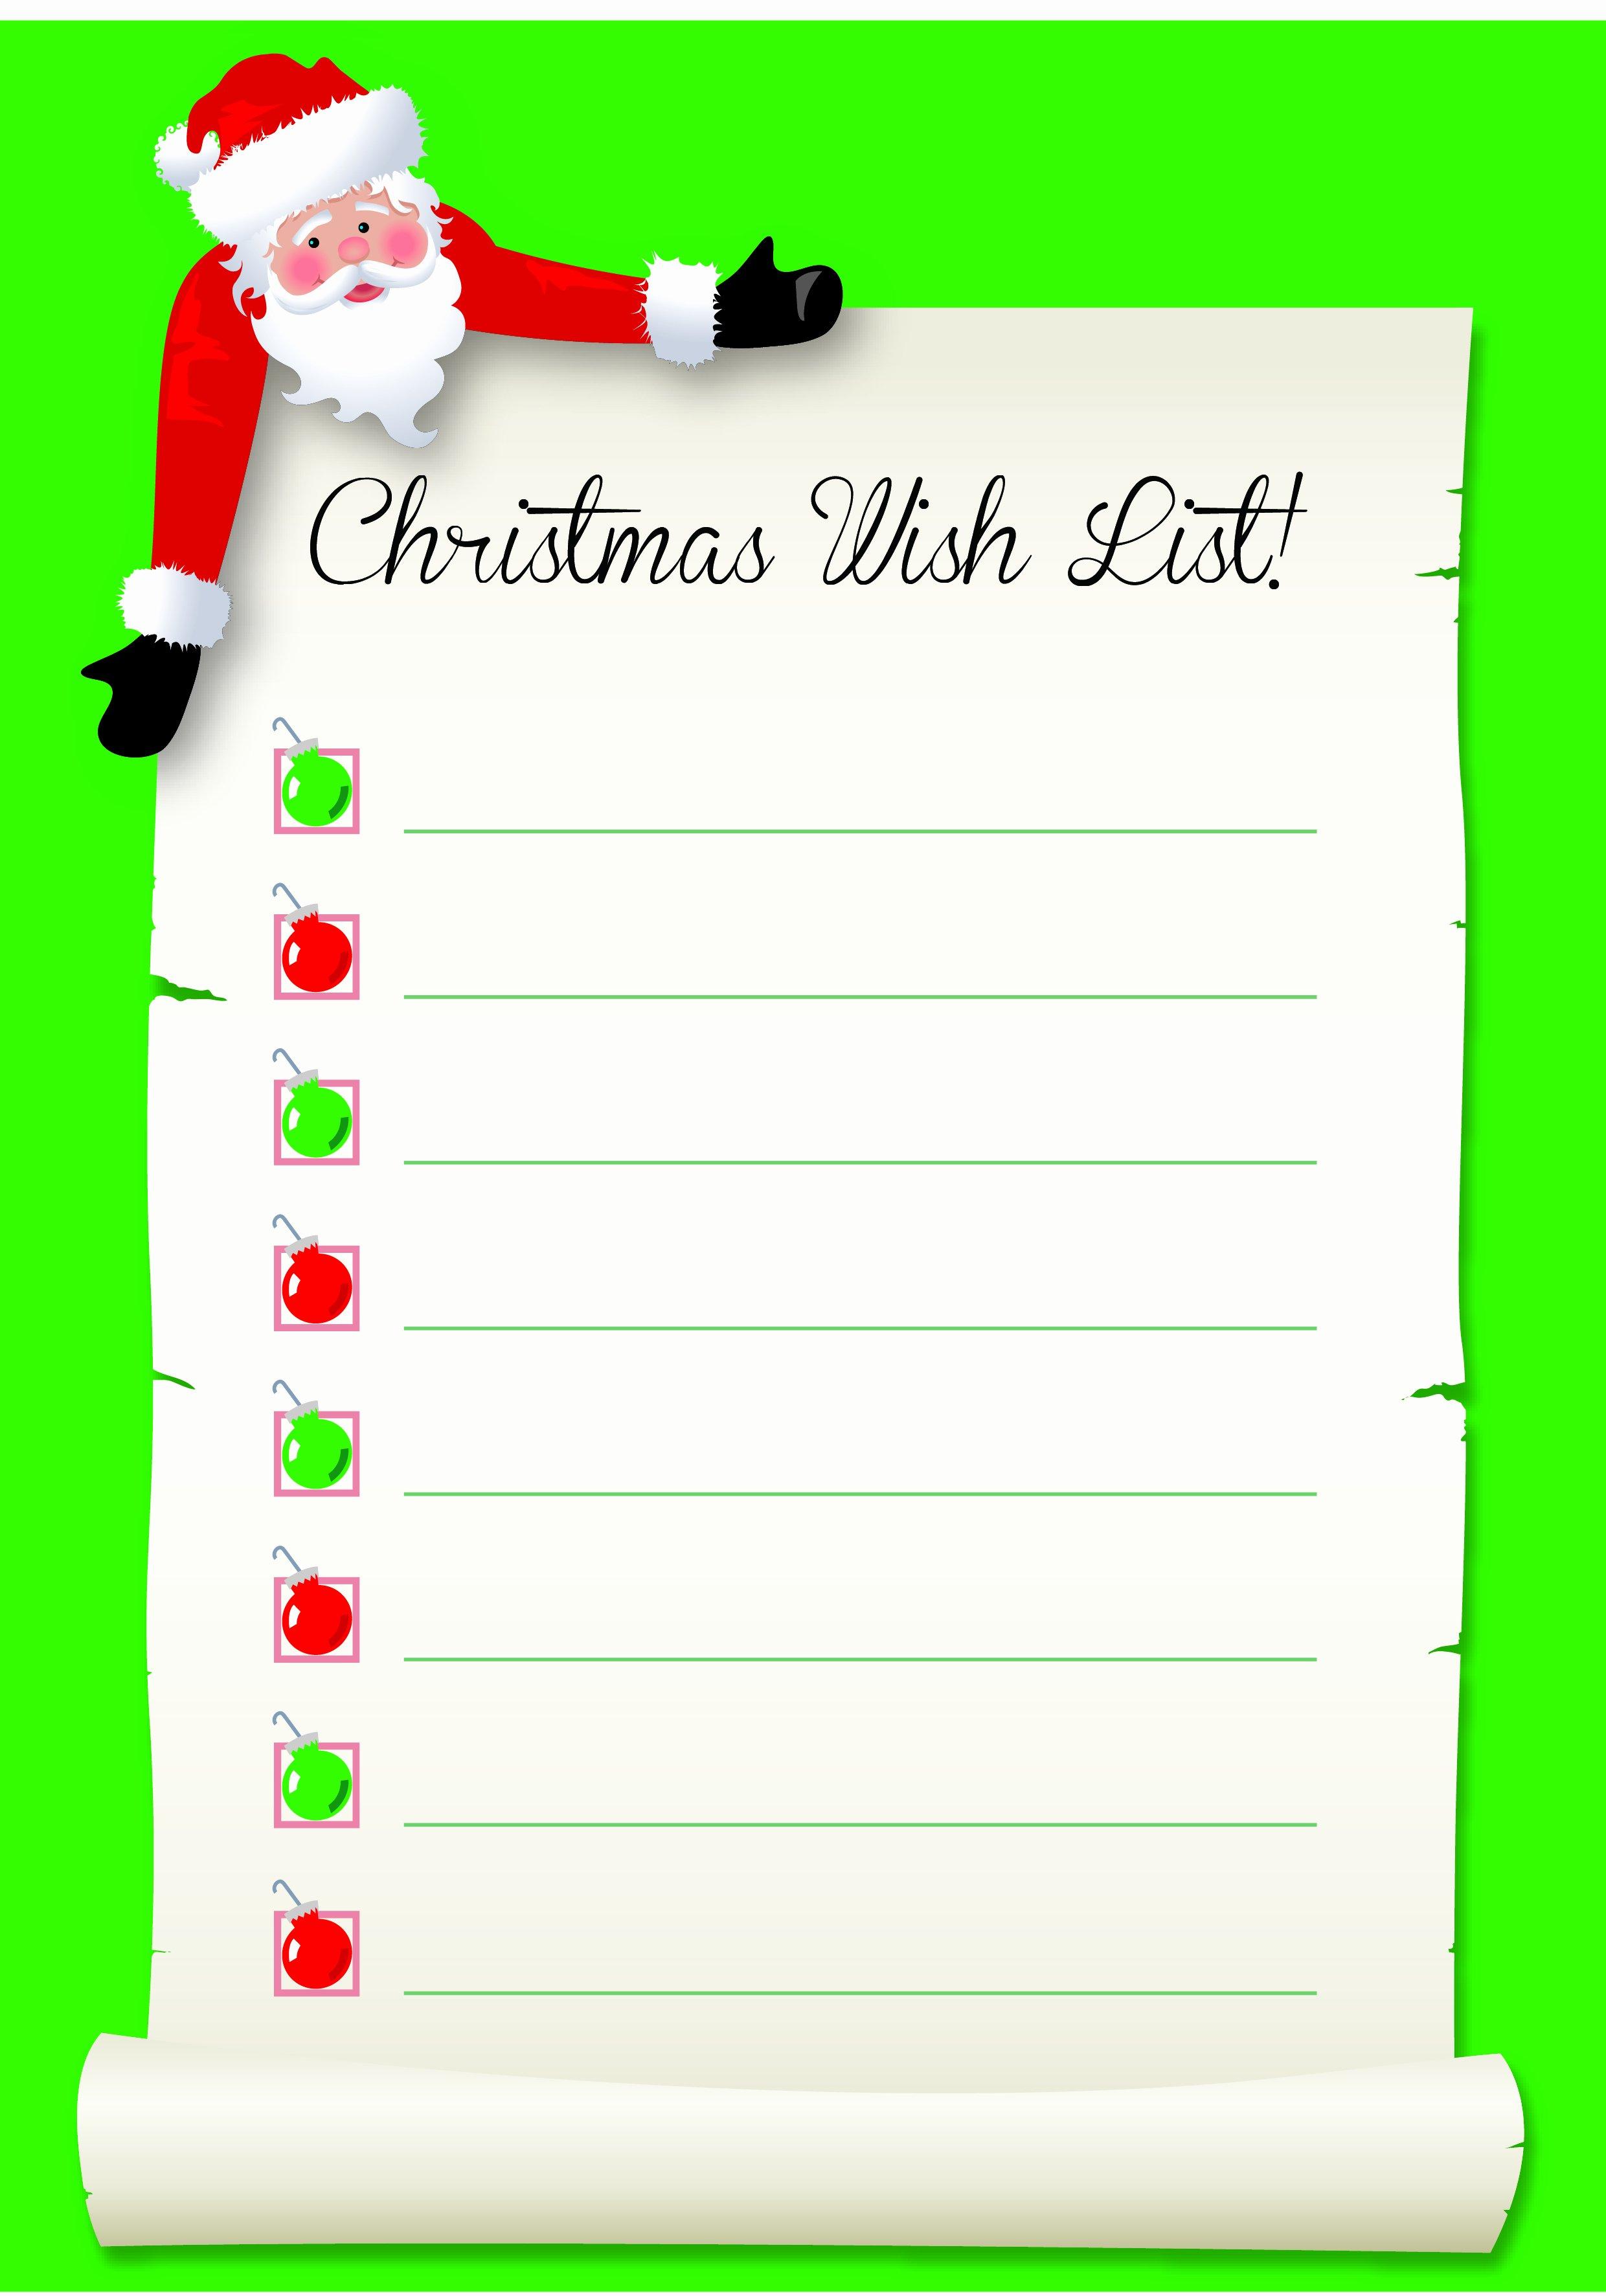 Wish List Template New Santa S Wish List Free